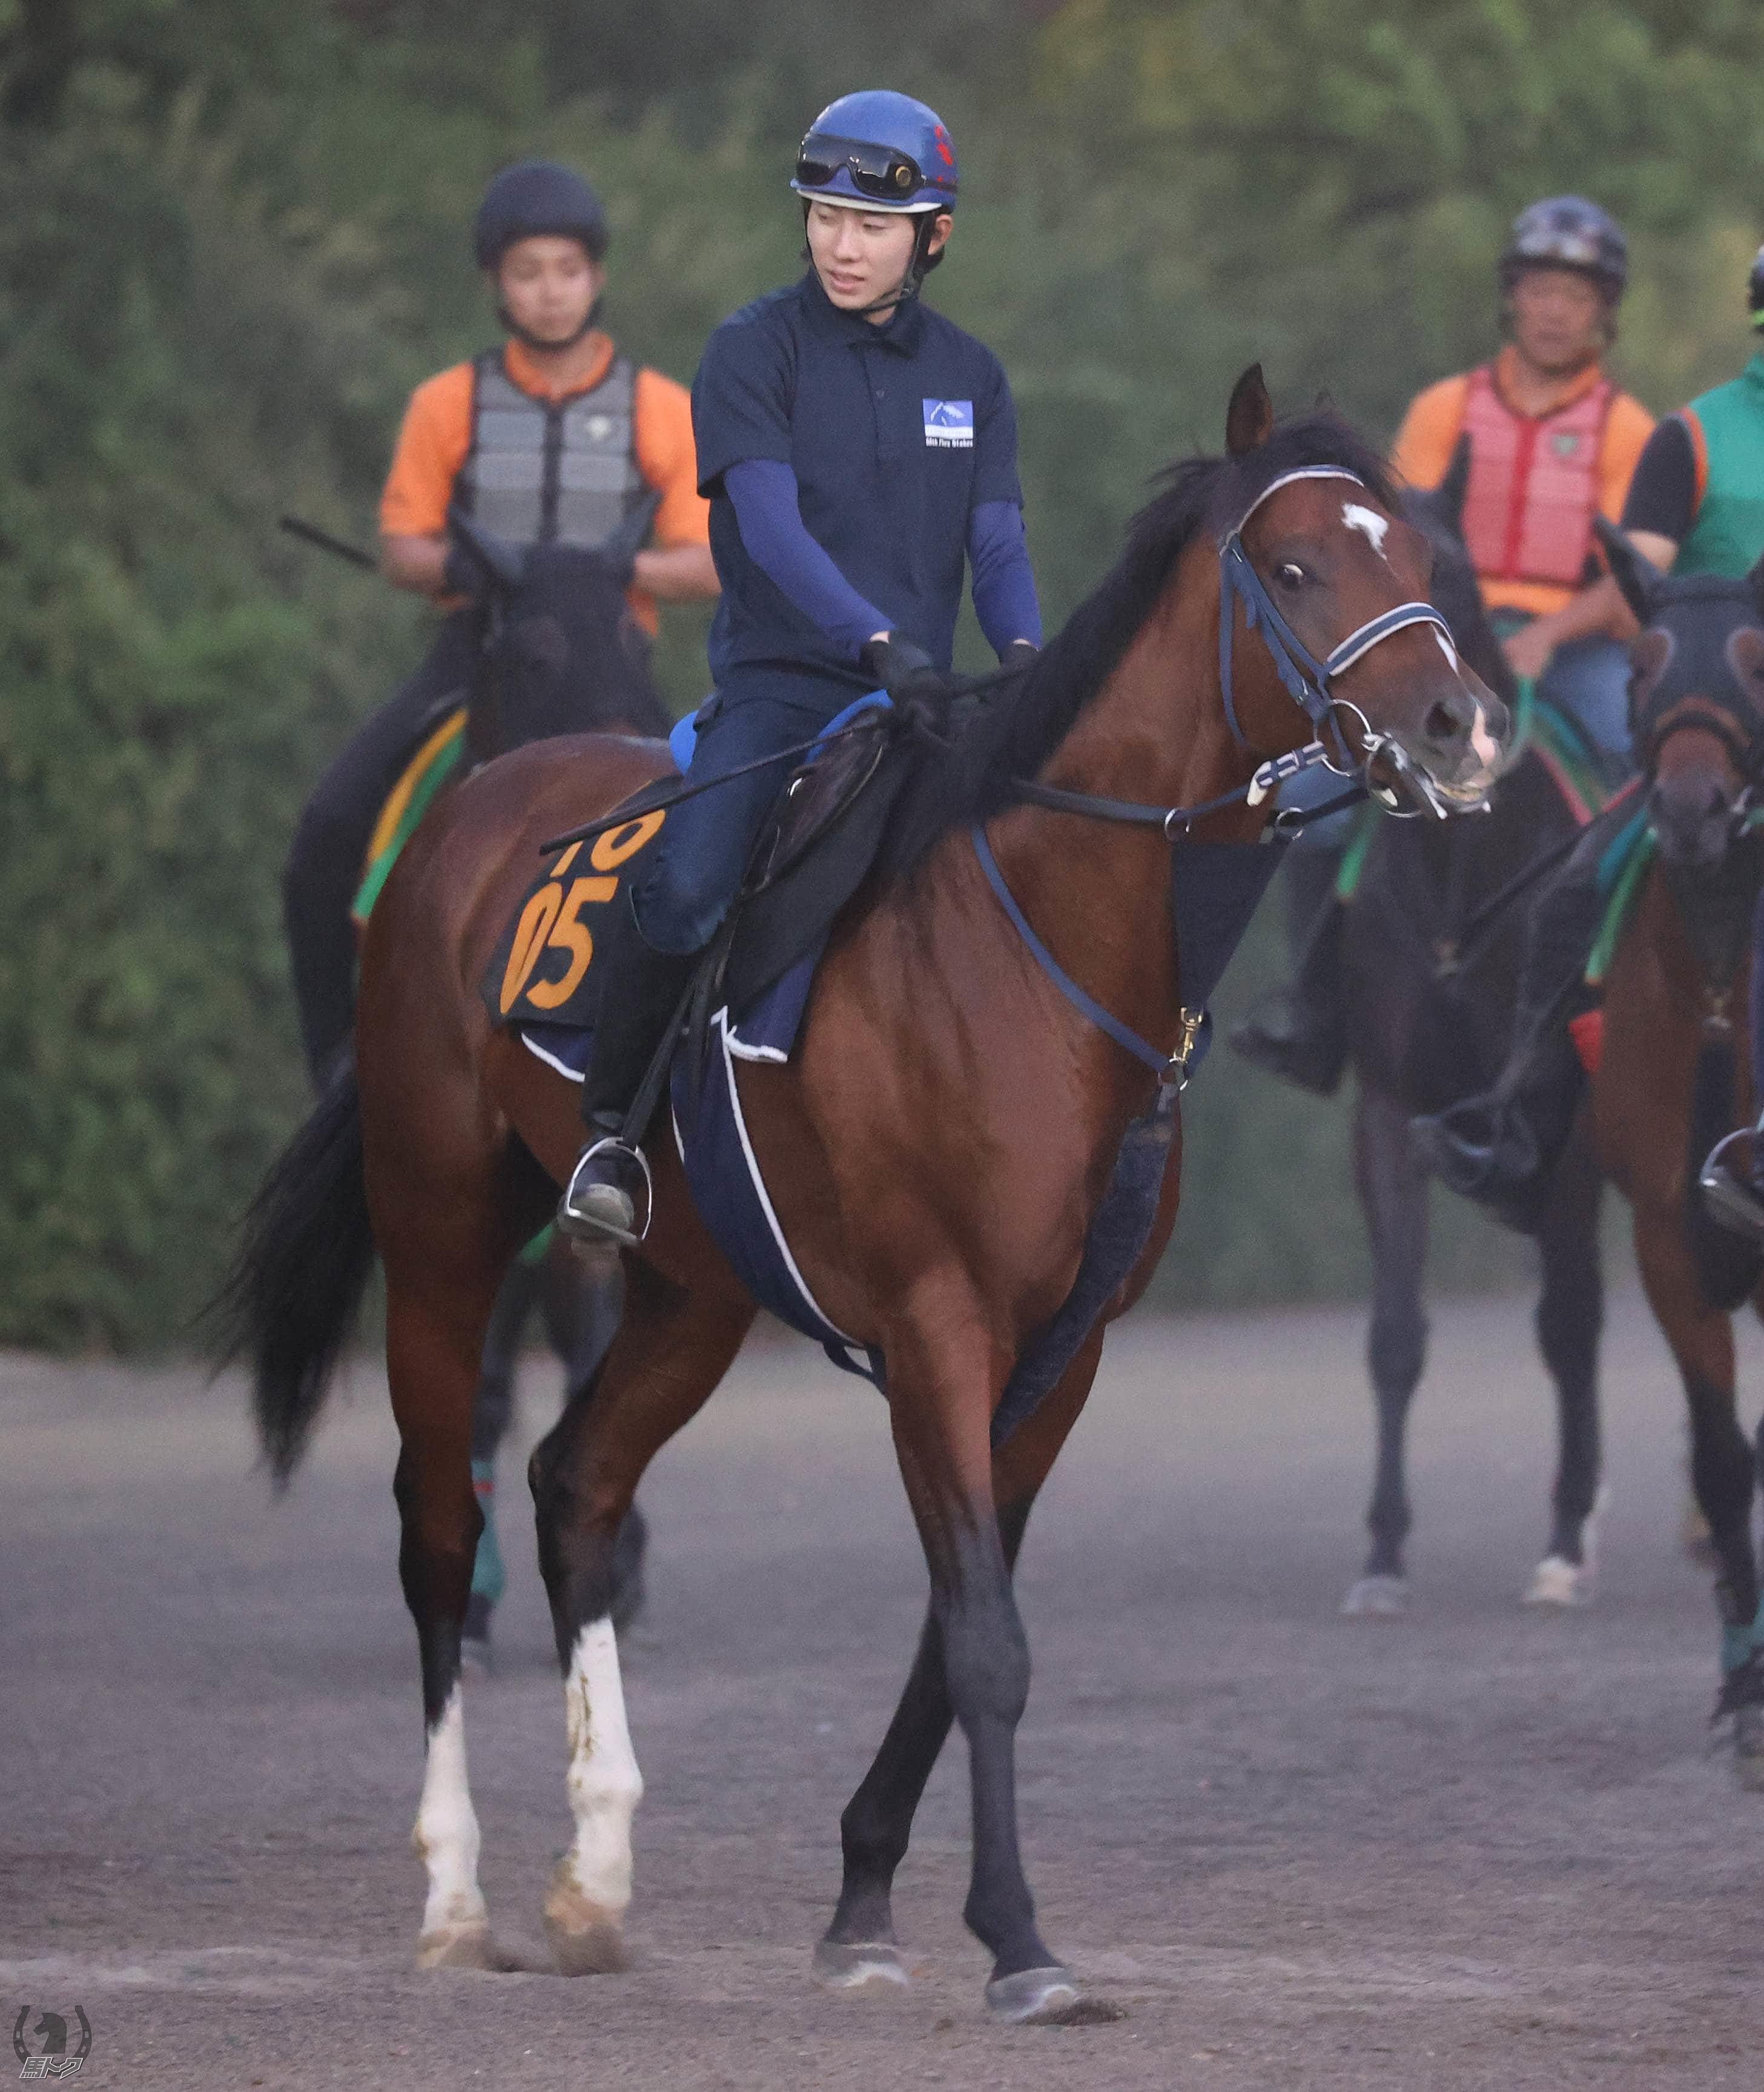 ワーケアの馬体写真